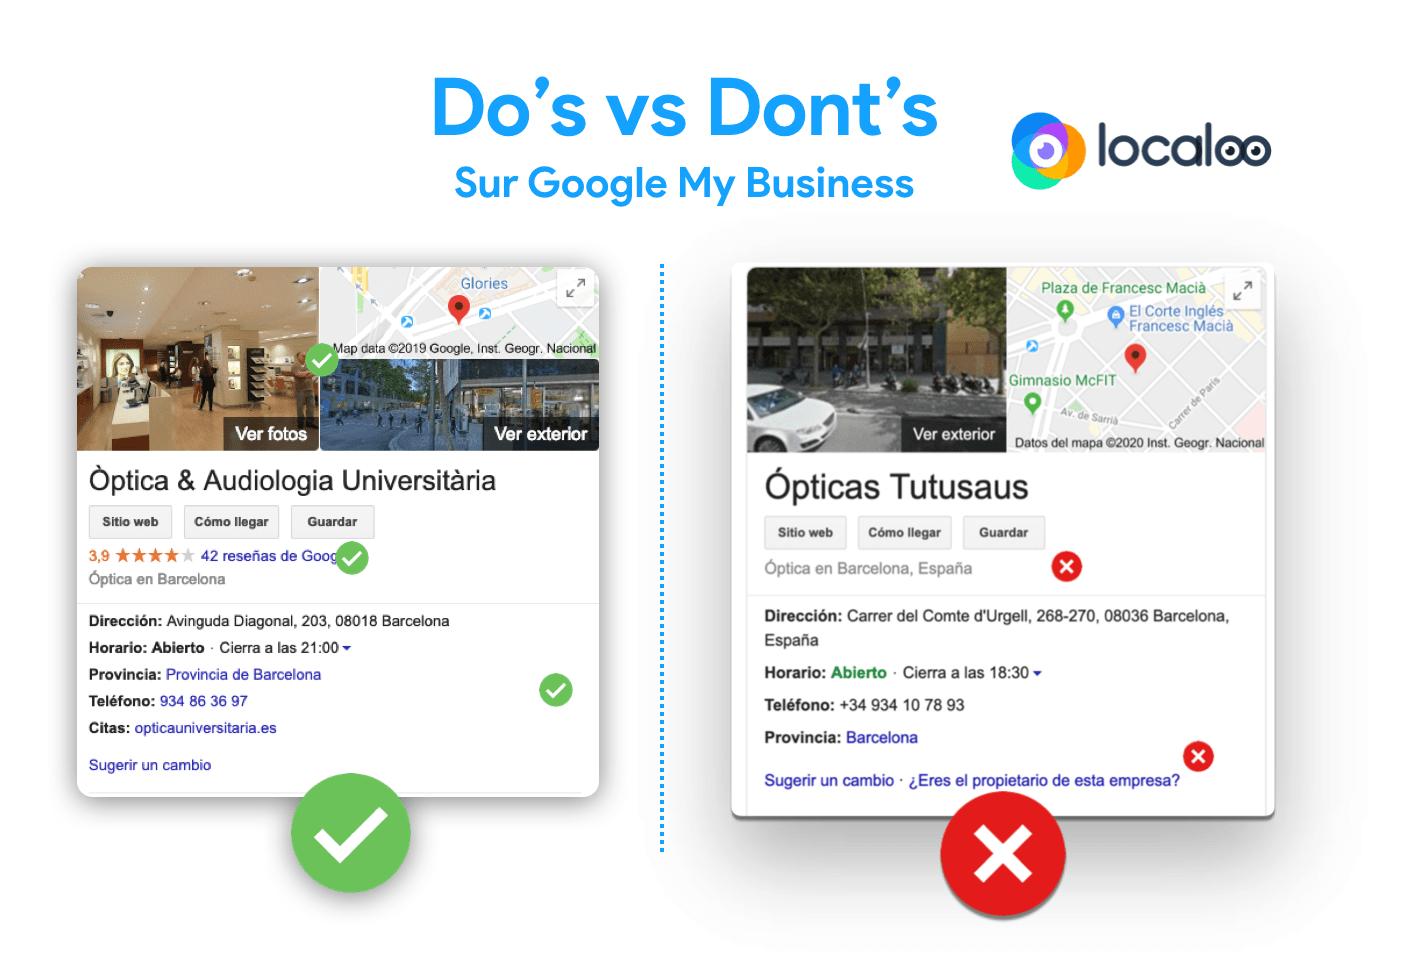 imagen sobre do's y don't en cuanto a la gestión de las fichas Google